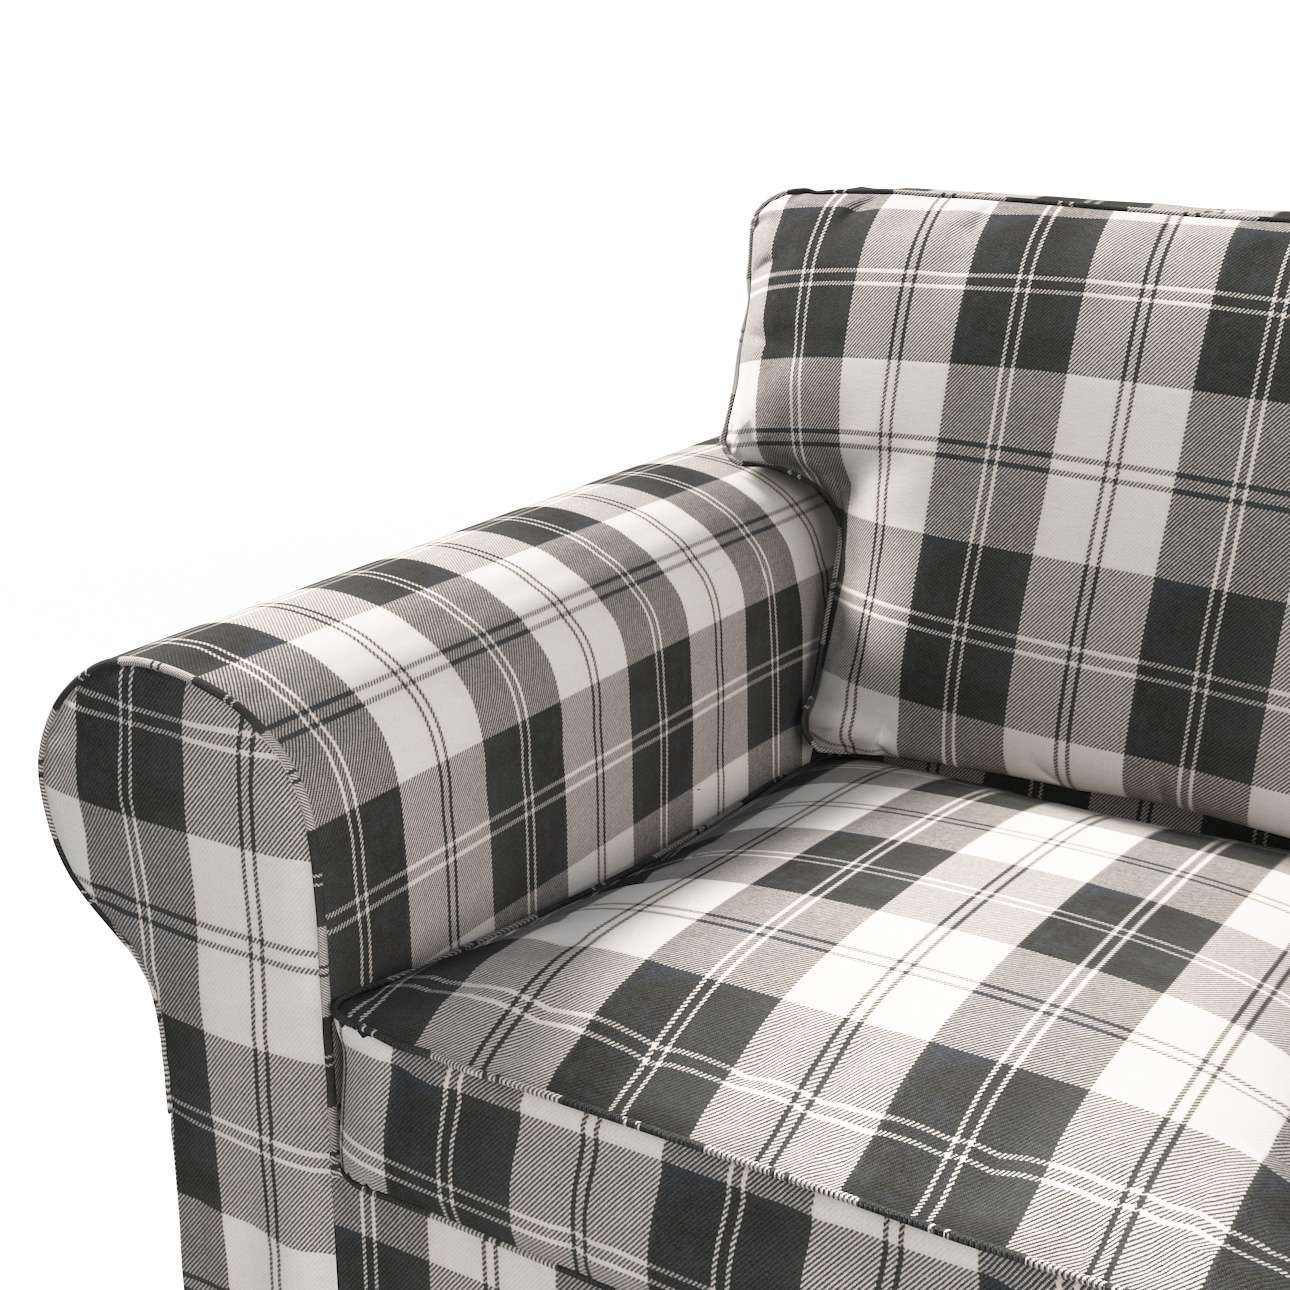 Potah na pohovku IKEA Ektorp 2-místná rozkládací  NOVÝ MODEL od 2012 Ektorp 2012 v kolekci Edinburgh, látka: 115-74